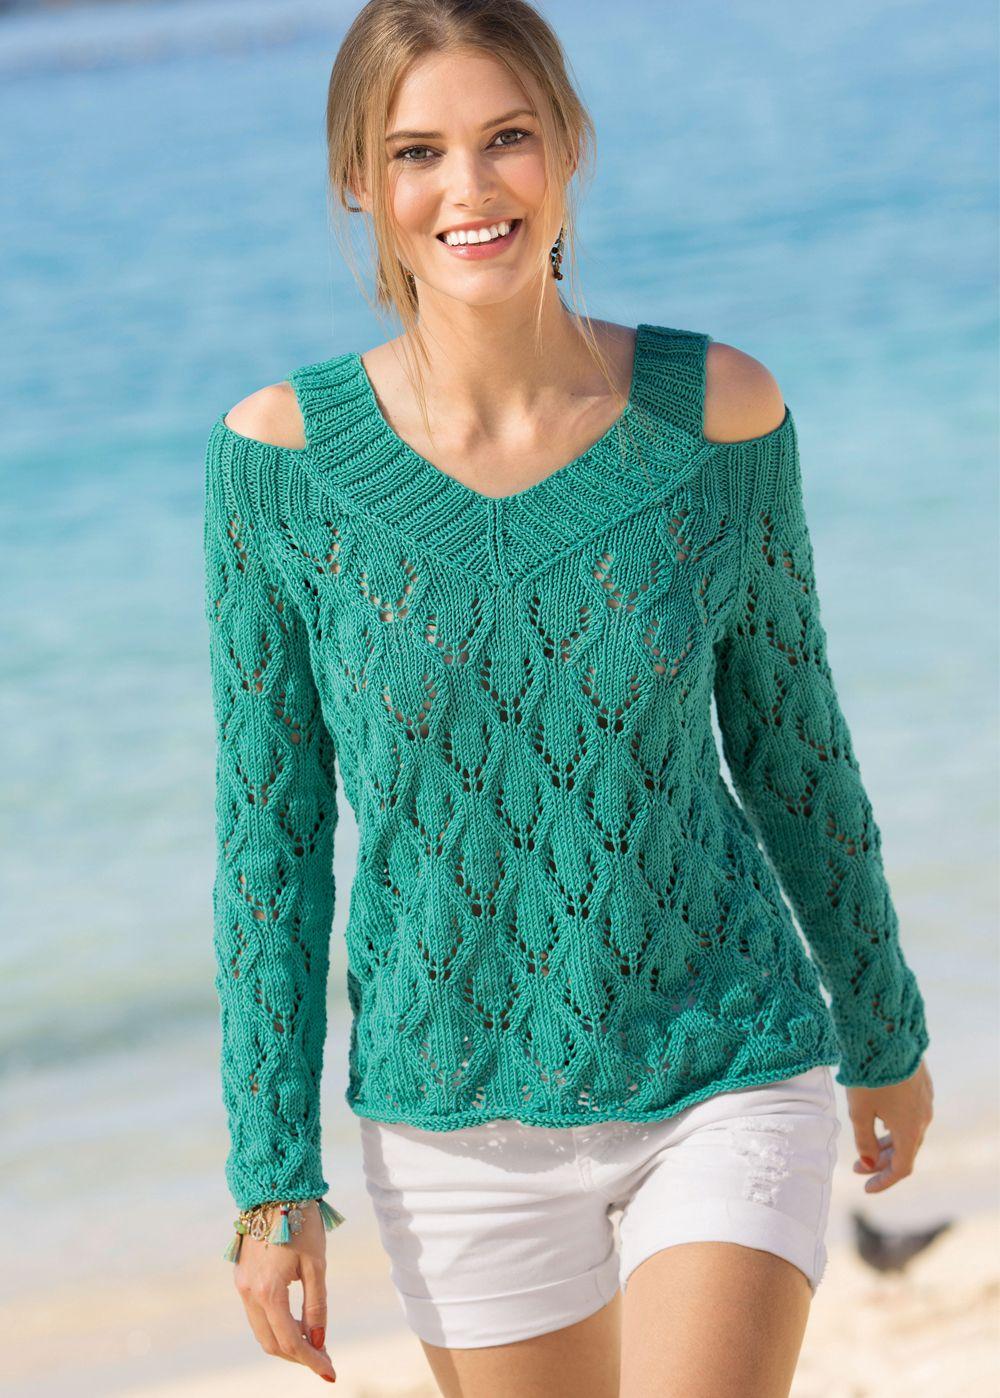 Пуловер с открытыми плечами - схема вязания спицами. Вяжем Пуловеры ...